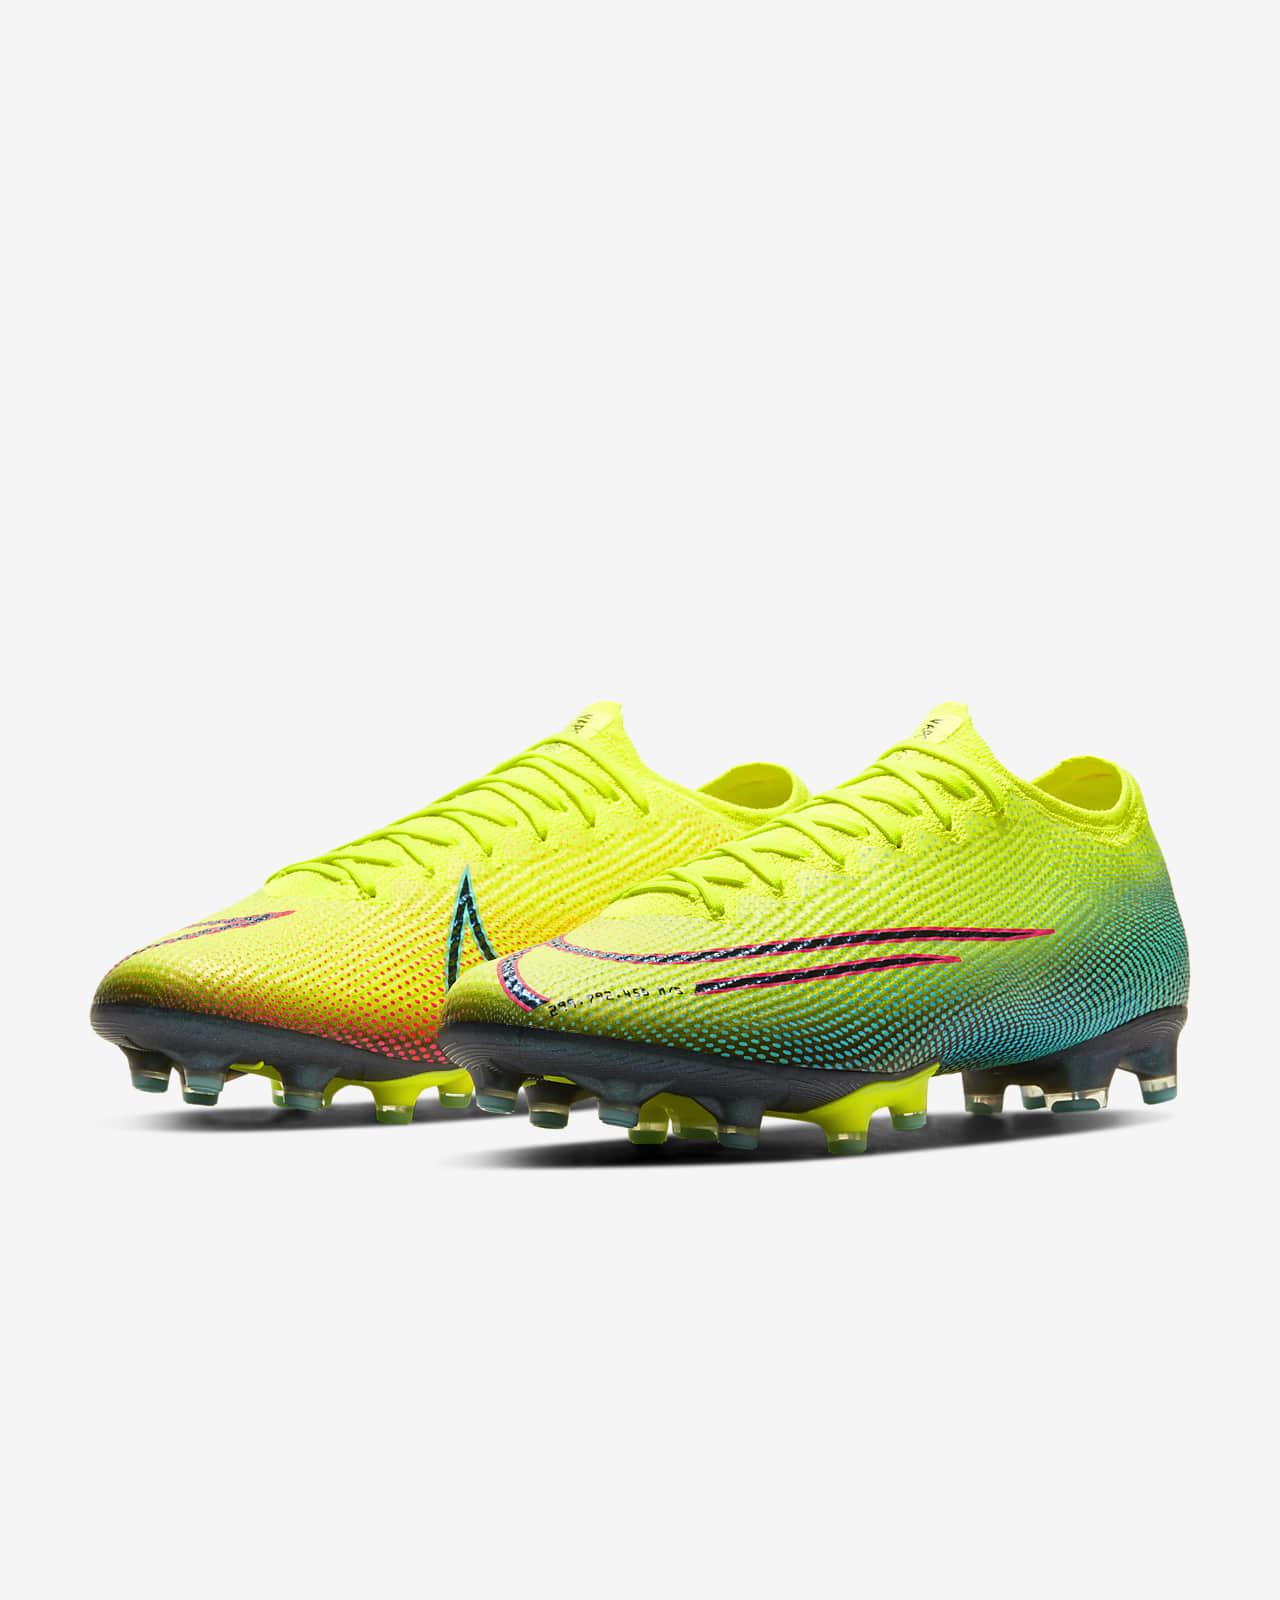 Nike Mercurial Vapor 13 Elite MDS AG PRO fotballsko til